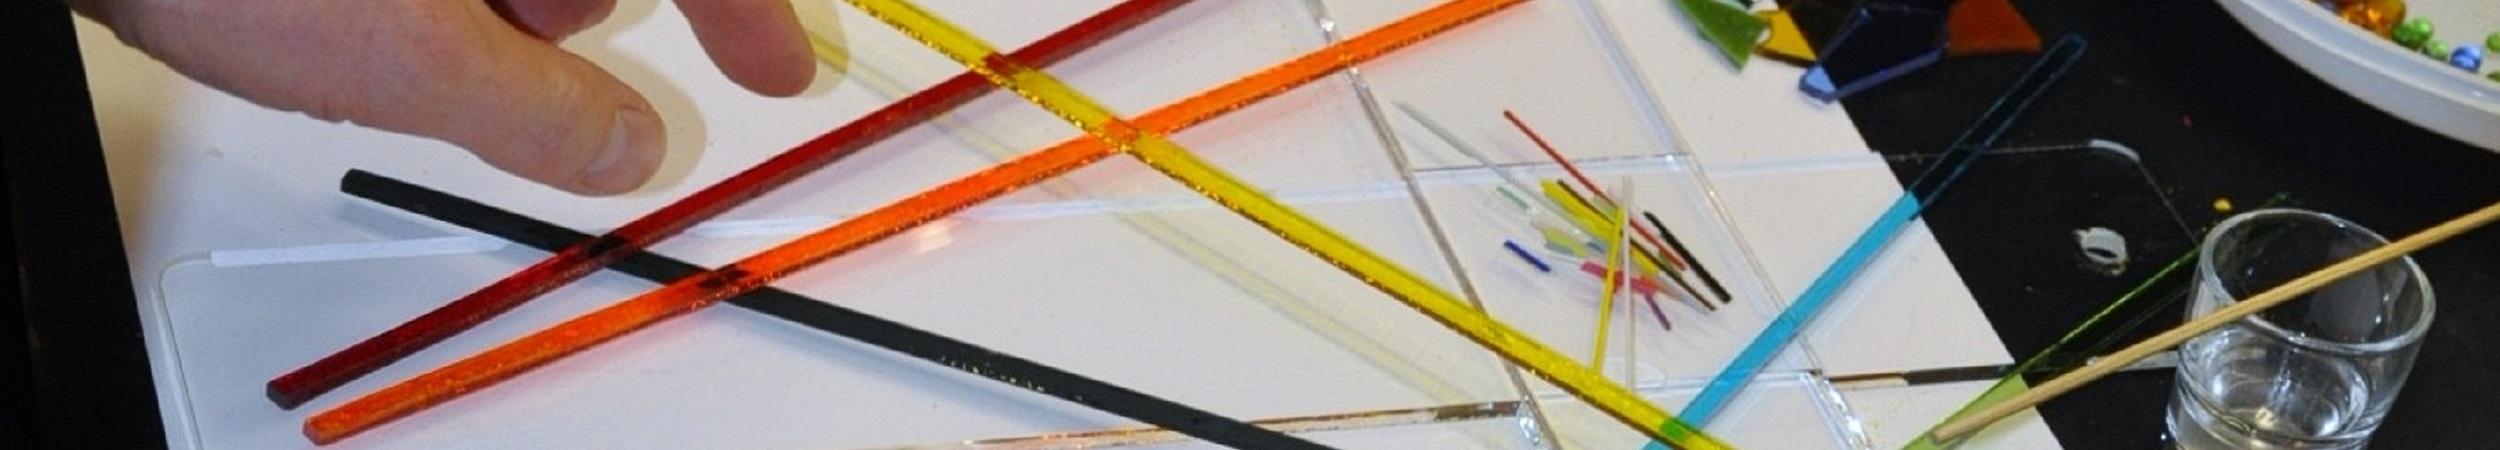 glas stadl die fusingglas manufaktur der glasgarten am glasstadel in oberrieden bei altdorf. Black Bedroom Furniture Sets. Home Design Ideas